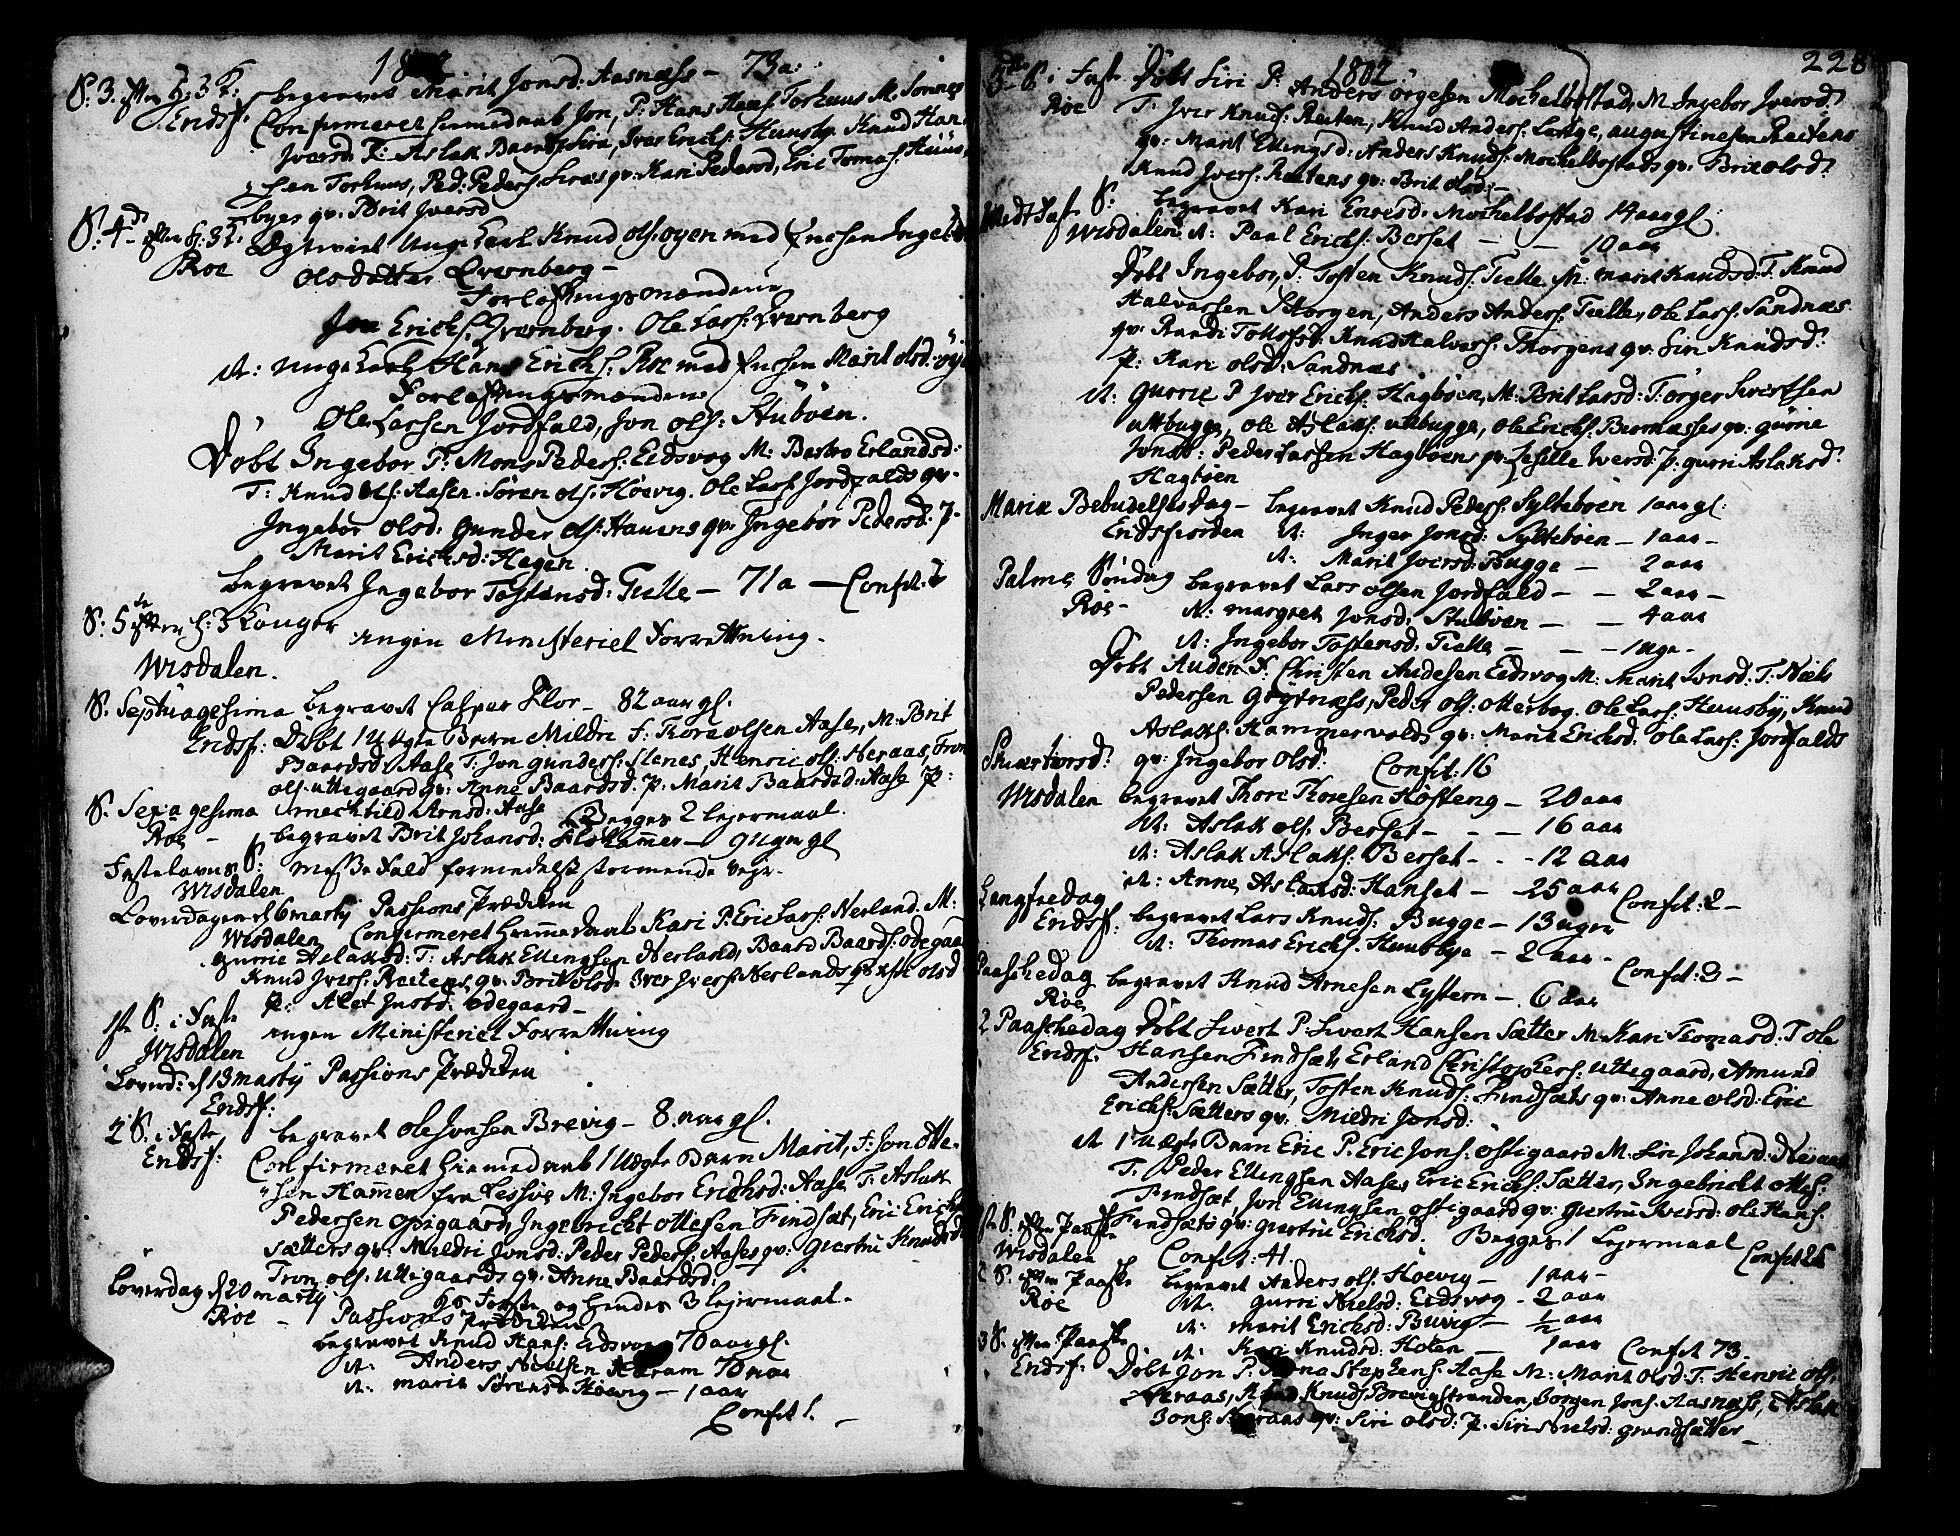 SAT, Ministerialprotokoller, klokkerbøker og fødselsregistre - Møre og Romsdal, 551/L0621: Ministerialbok nr. 551A01, 1757-1803, s. 228